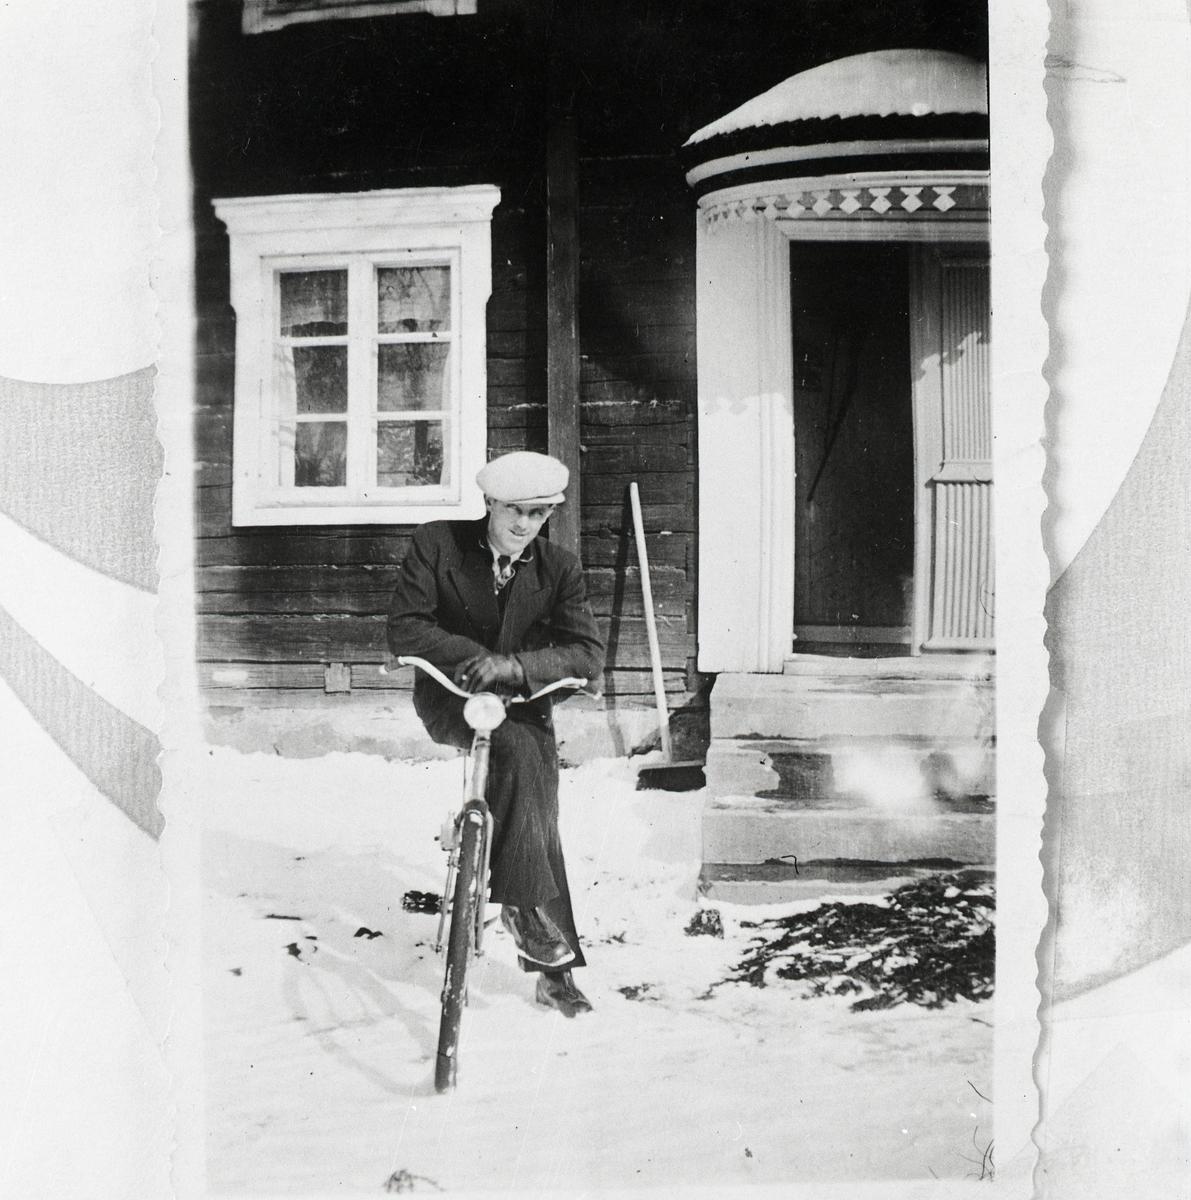 Framför ett hus sitter en man framlutad på en cykel. Han bär keps, kostym och läderhandskar. Brokvisttaket och marken är täckta av snö och lite granris är utlagt framför trappan.